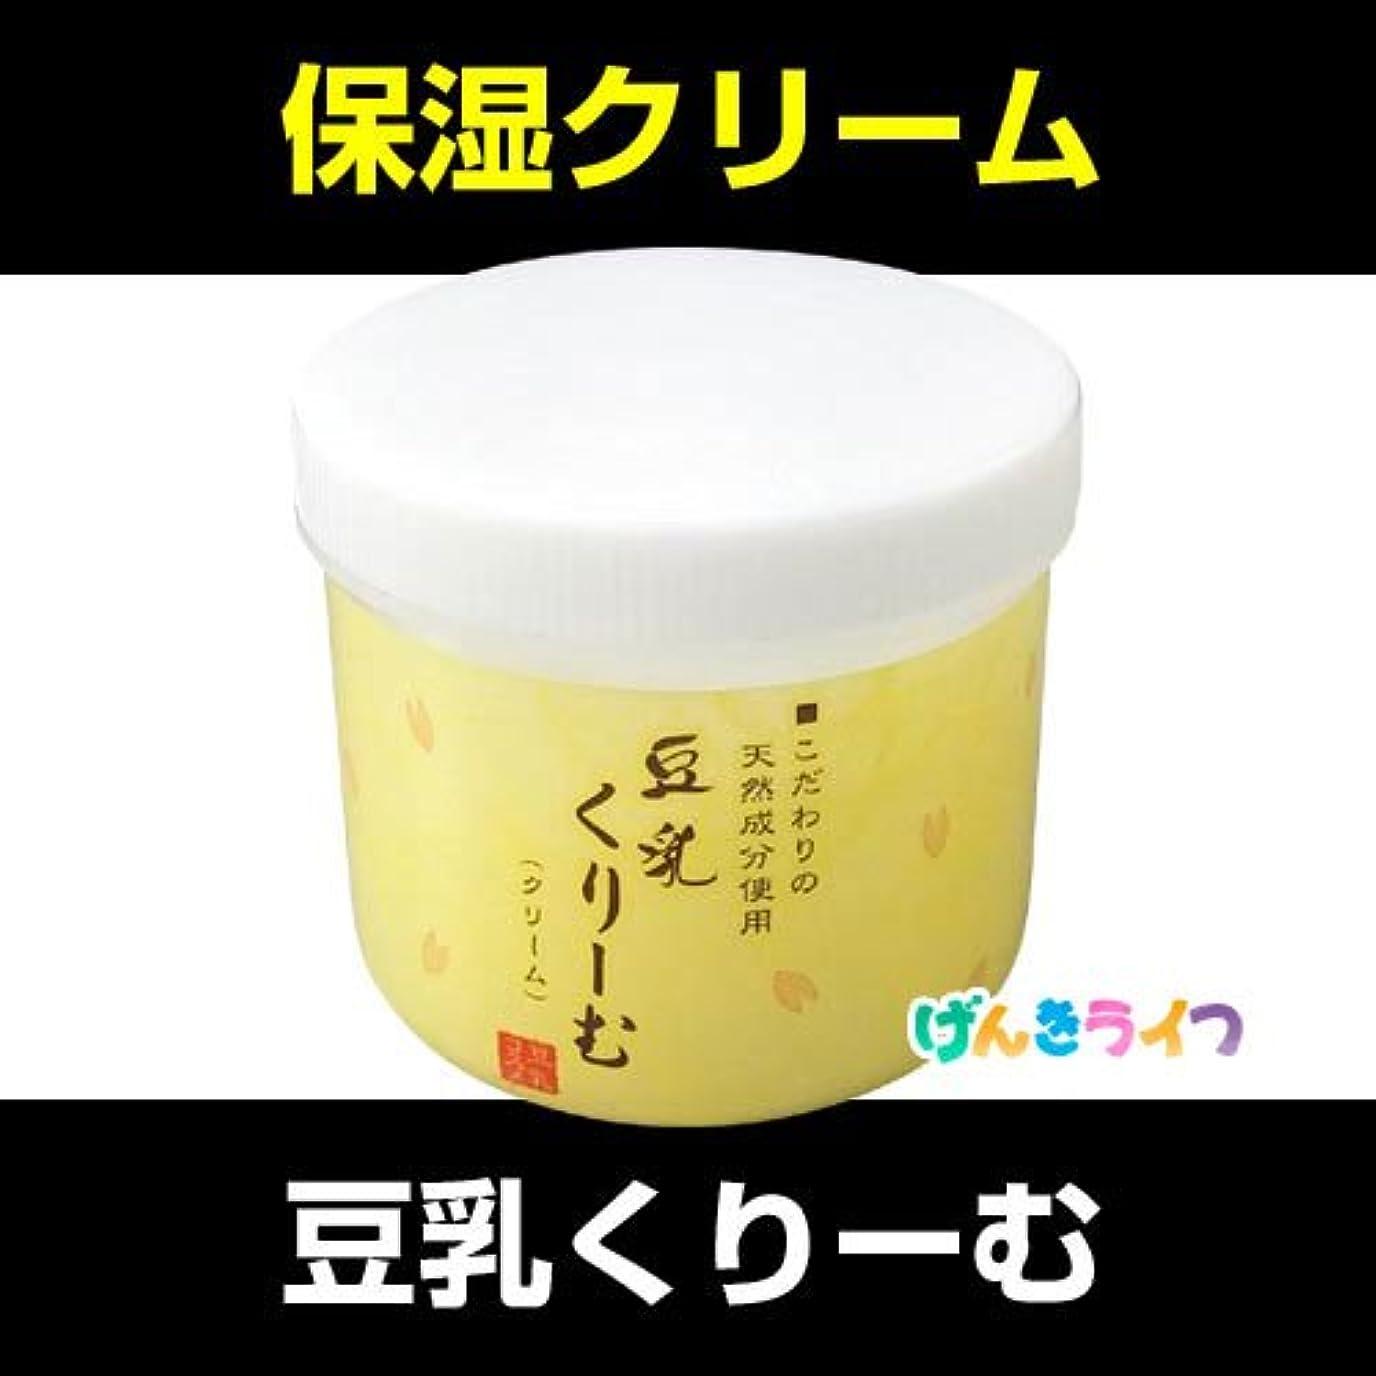 ティームアクチュエータバナー吉野ふじや謹製 とうにゅうくりーむ(豆乳クリーム)【3個】